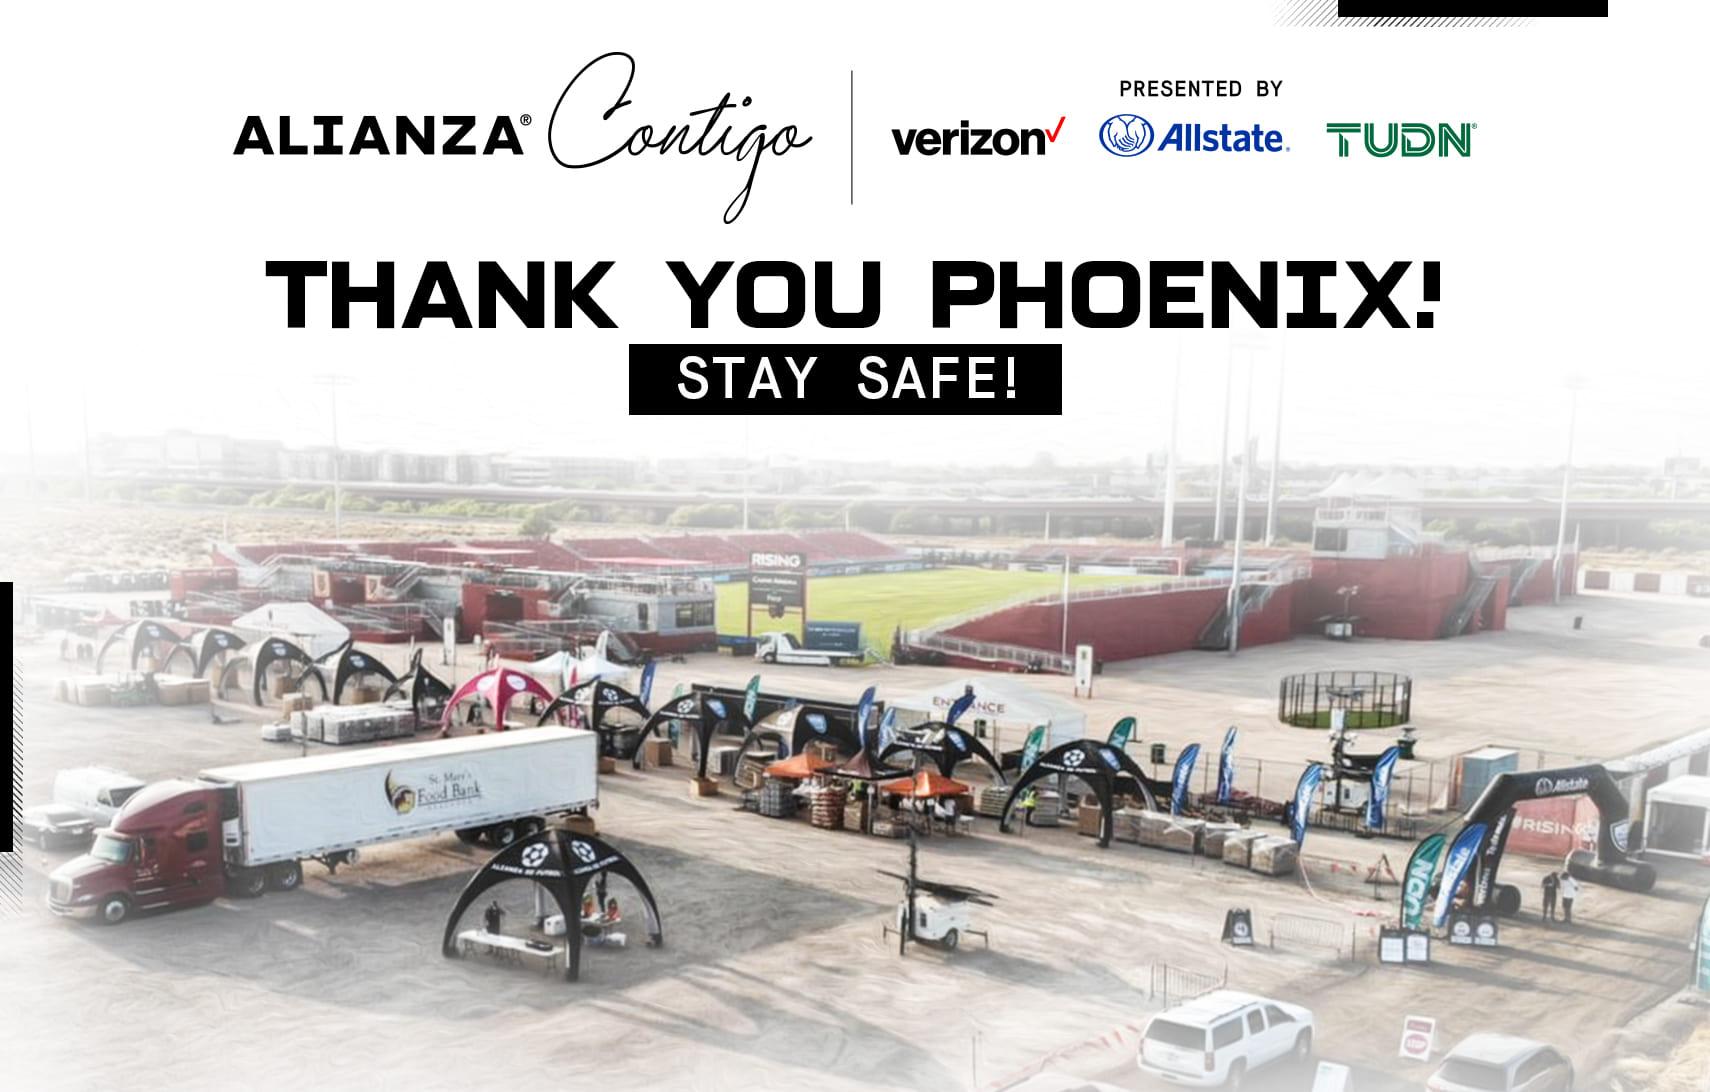 Alianza Contigo supported families in need in Phoenix